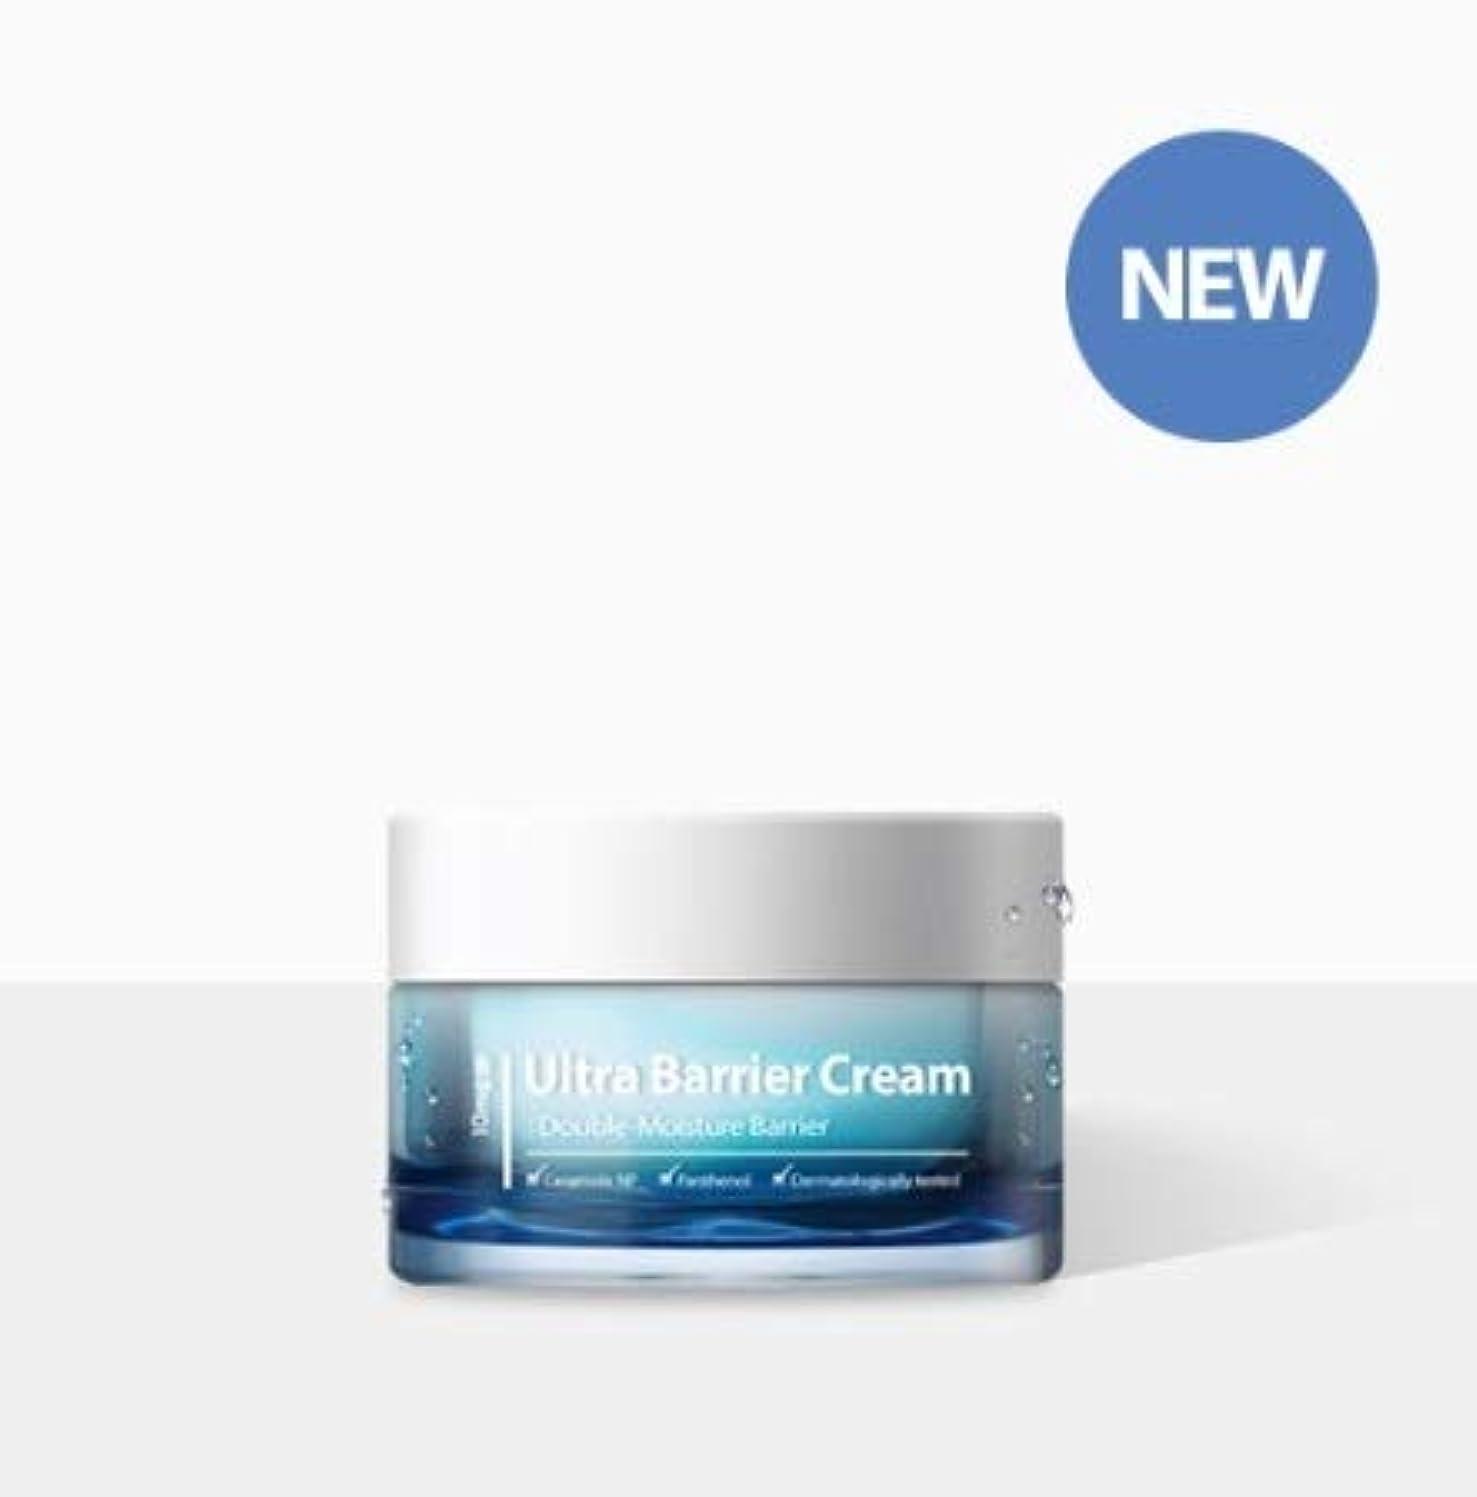 リボン閉塞偽AIDA 10mgRx ウルトラバリアクリーム 50ml (二重防湿バリア) / Ultra Barrier Cream 50ml